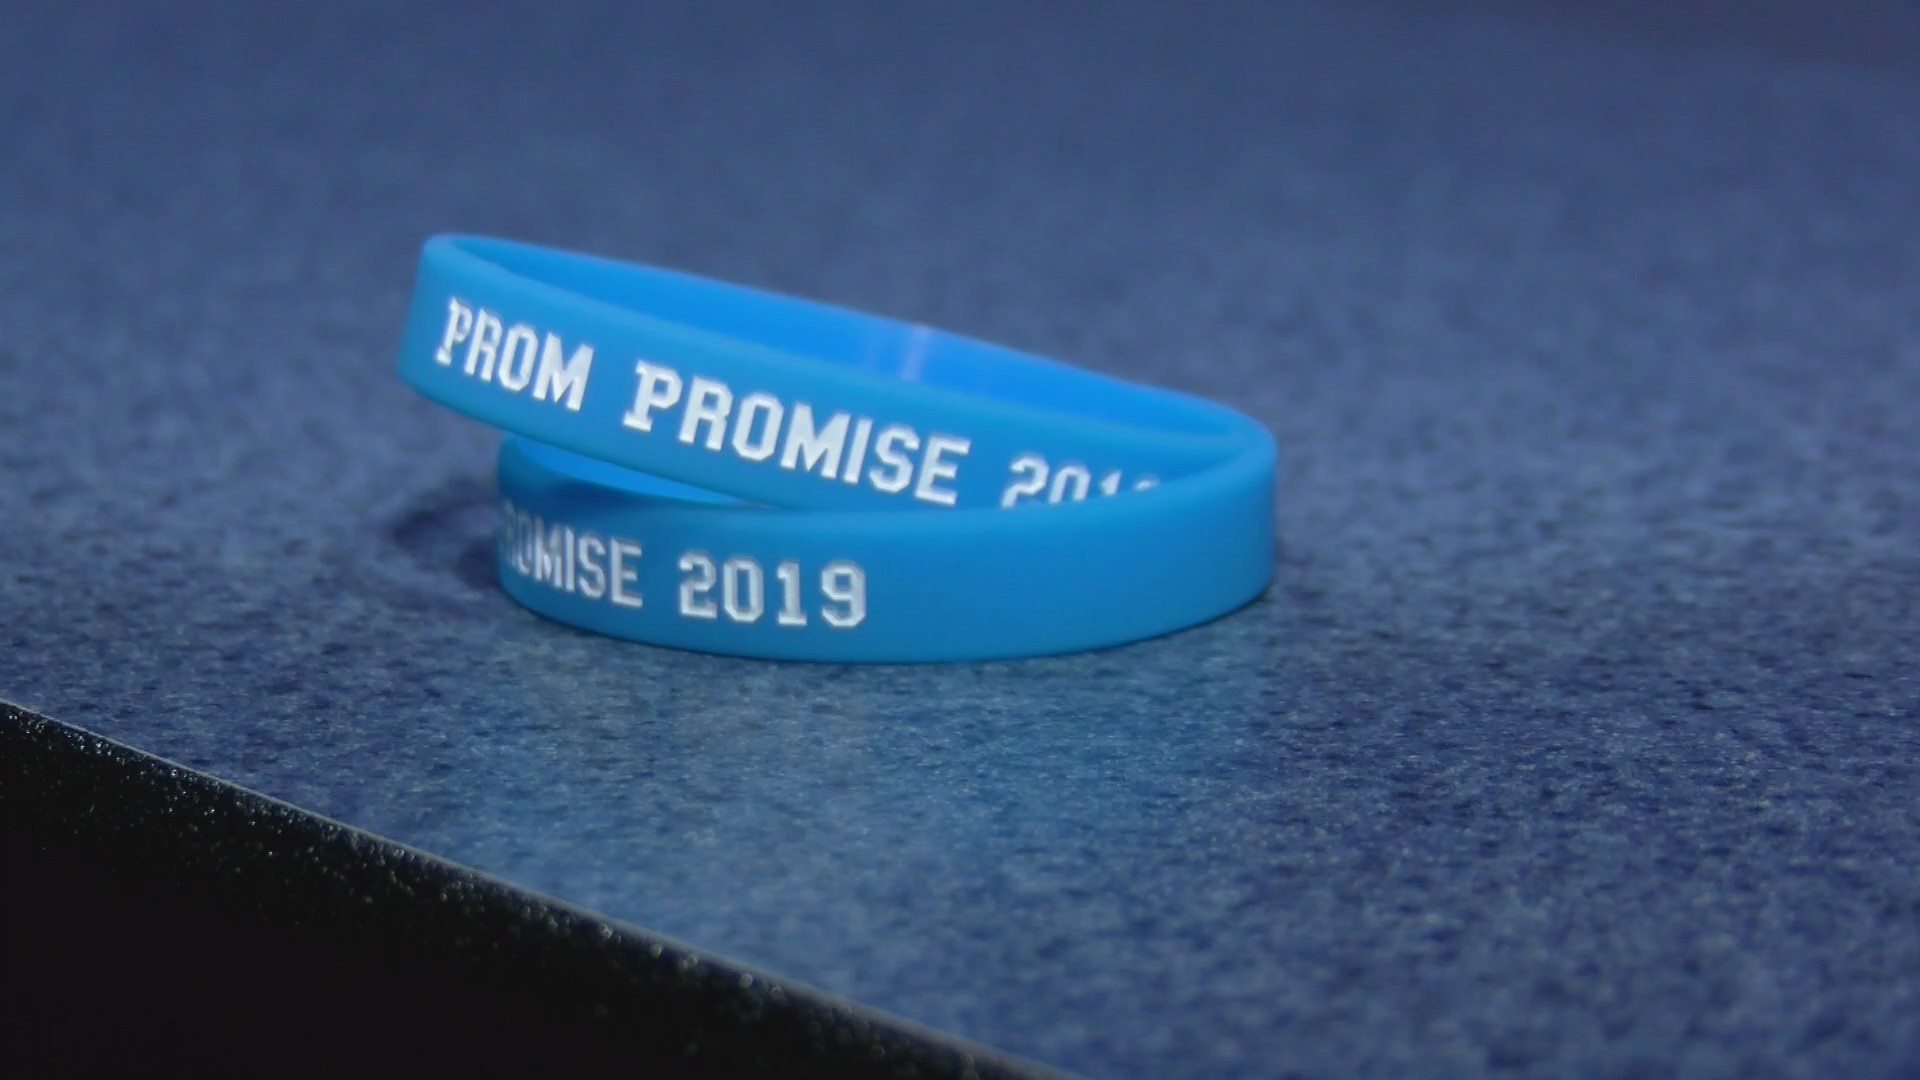 Prom_Promise_9_20190426105625